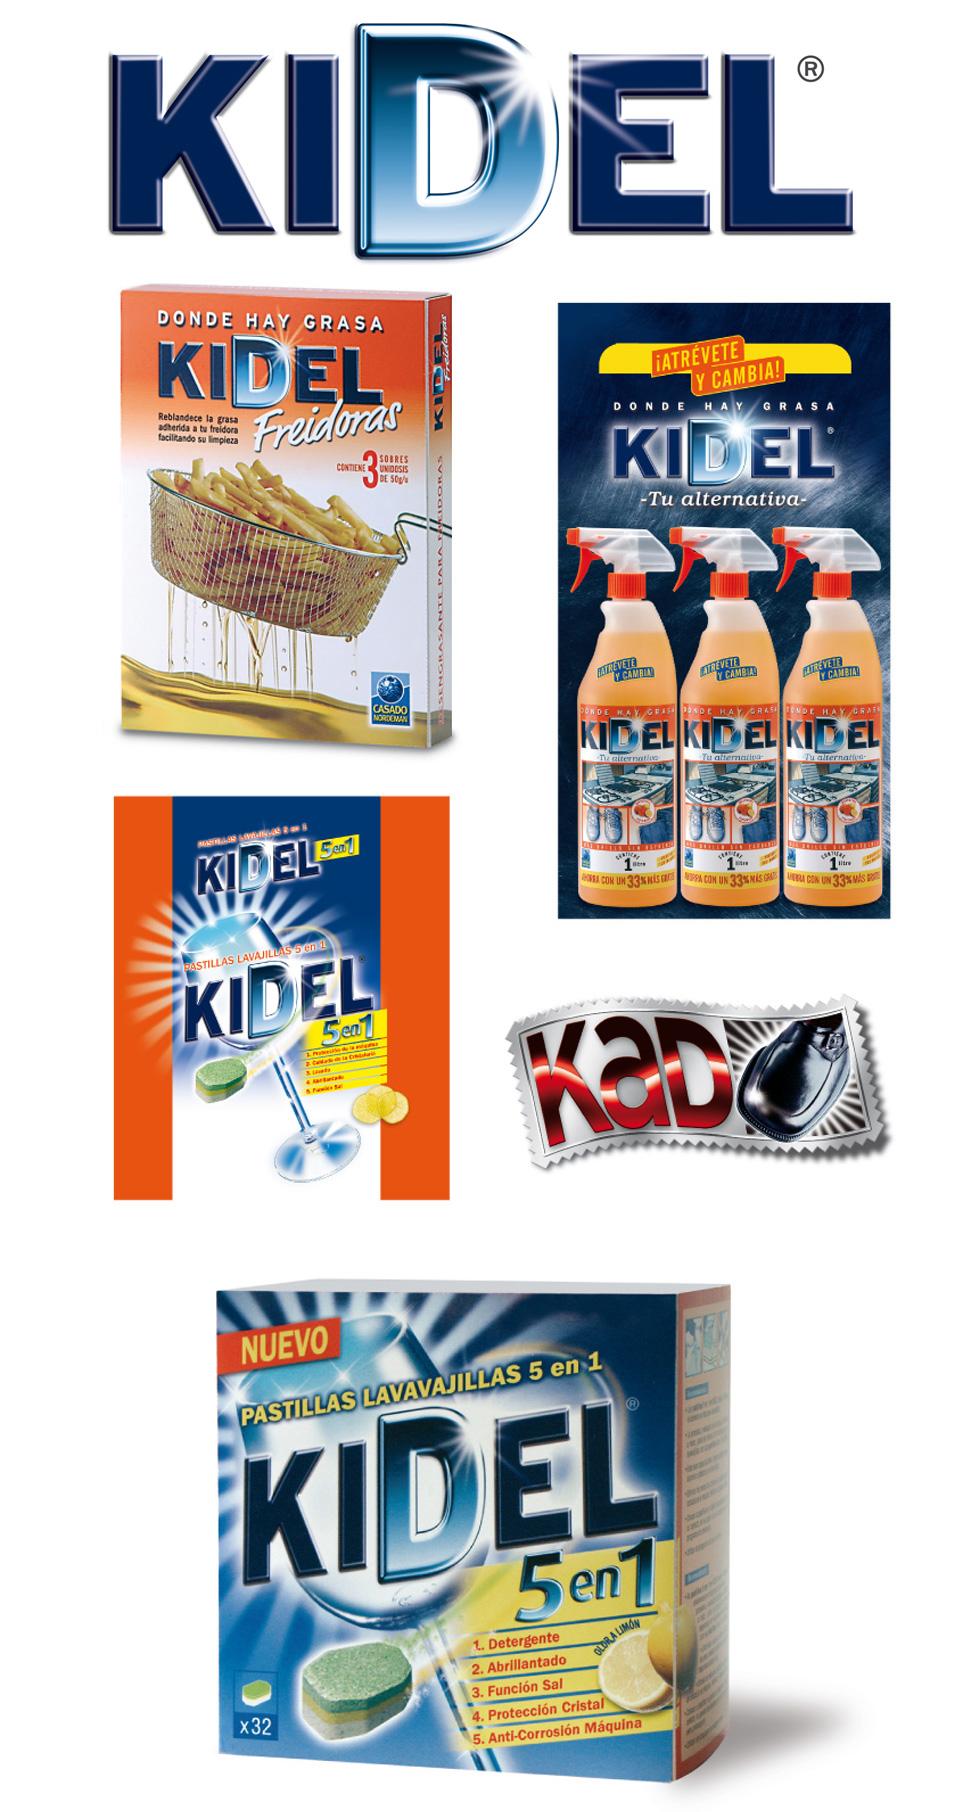 Logotipos, packaging y trípticos de la marca de limpieza Kidel